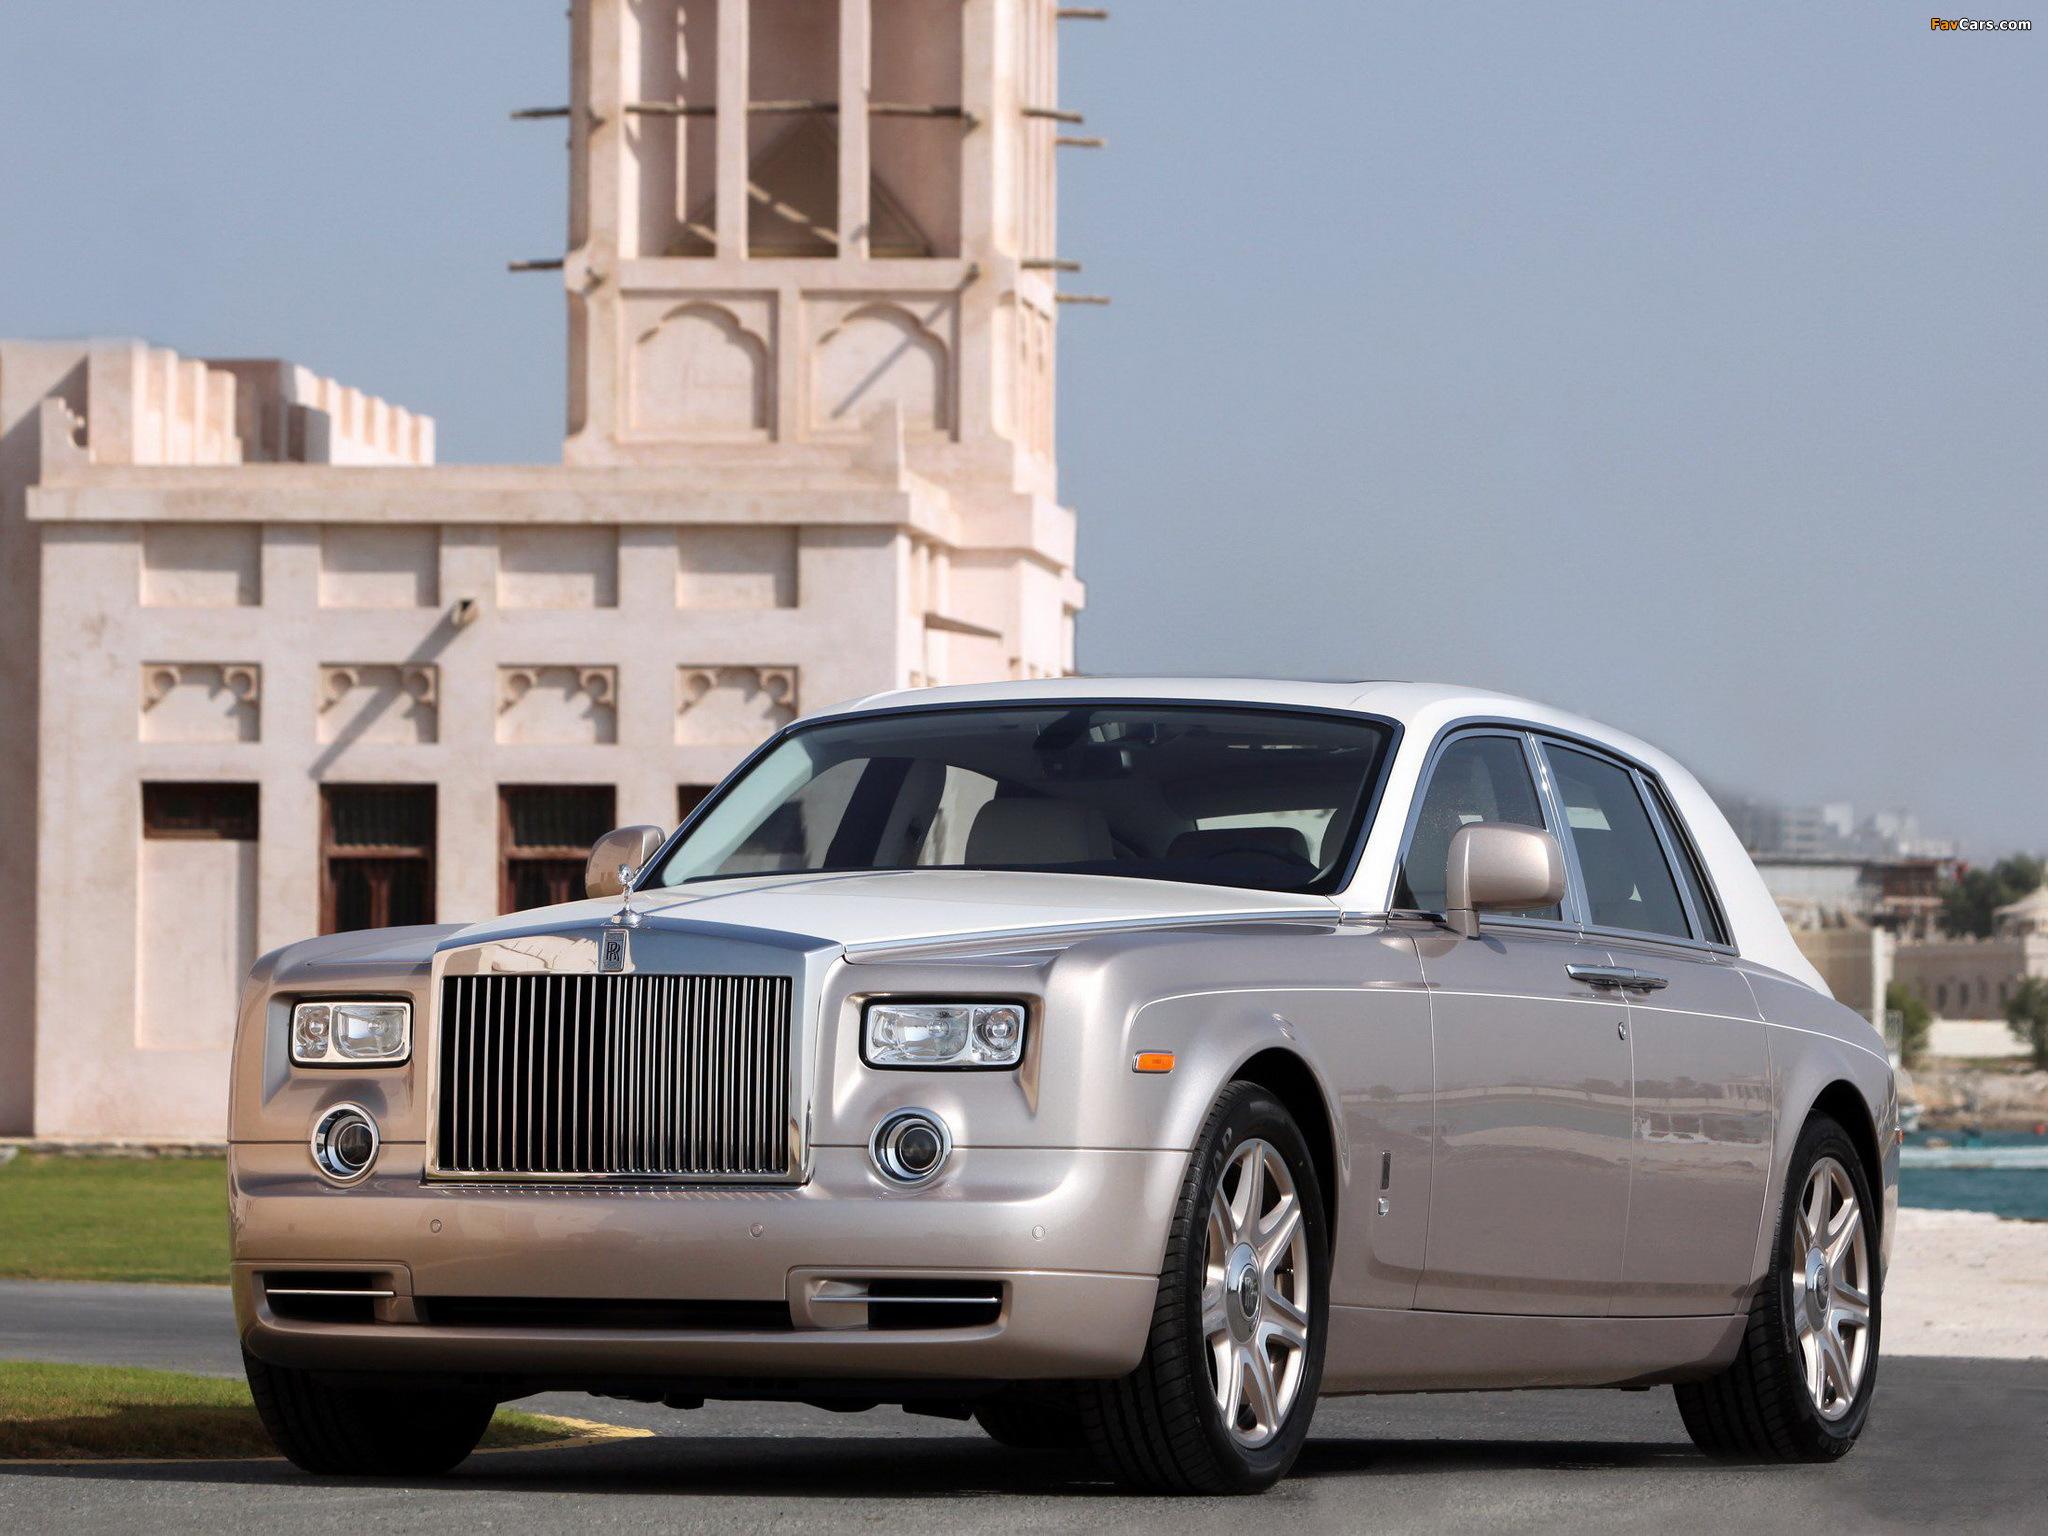 rolls royce car - HD1920×1080